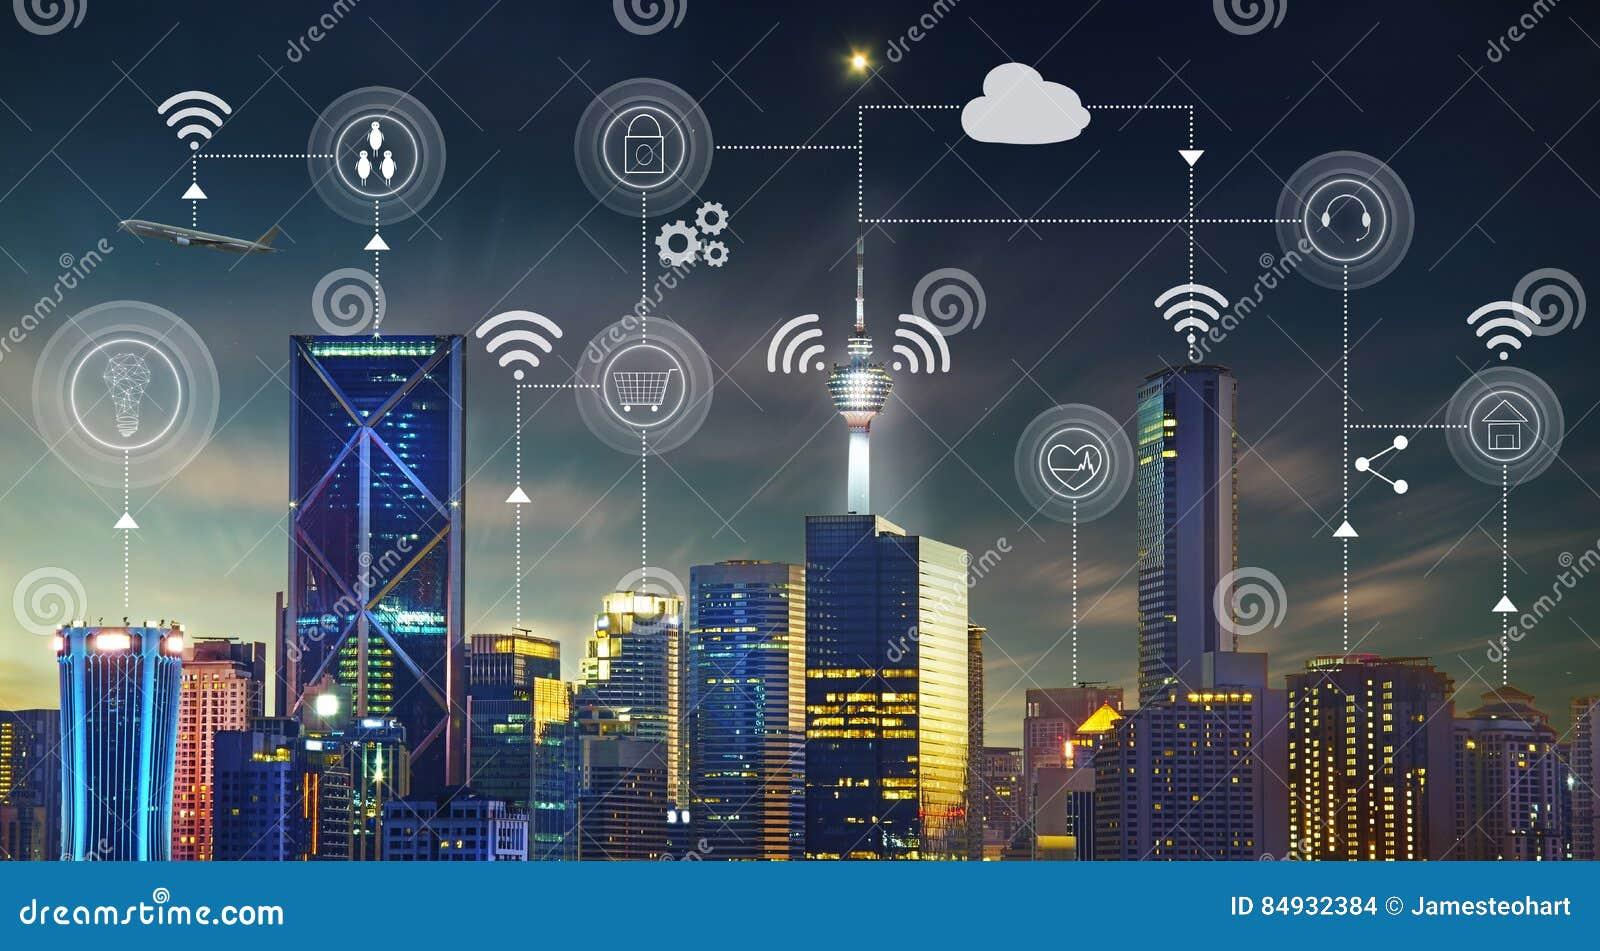 Den smarta staden med moderna byggnader, trafik, knyter kontakt